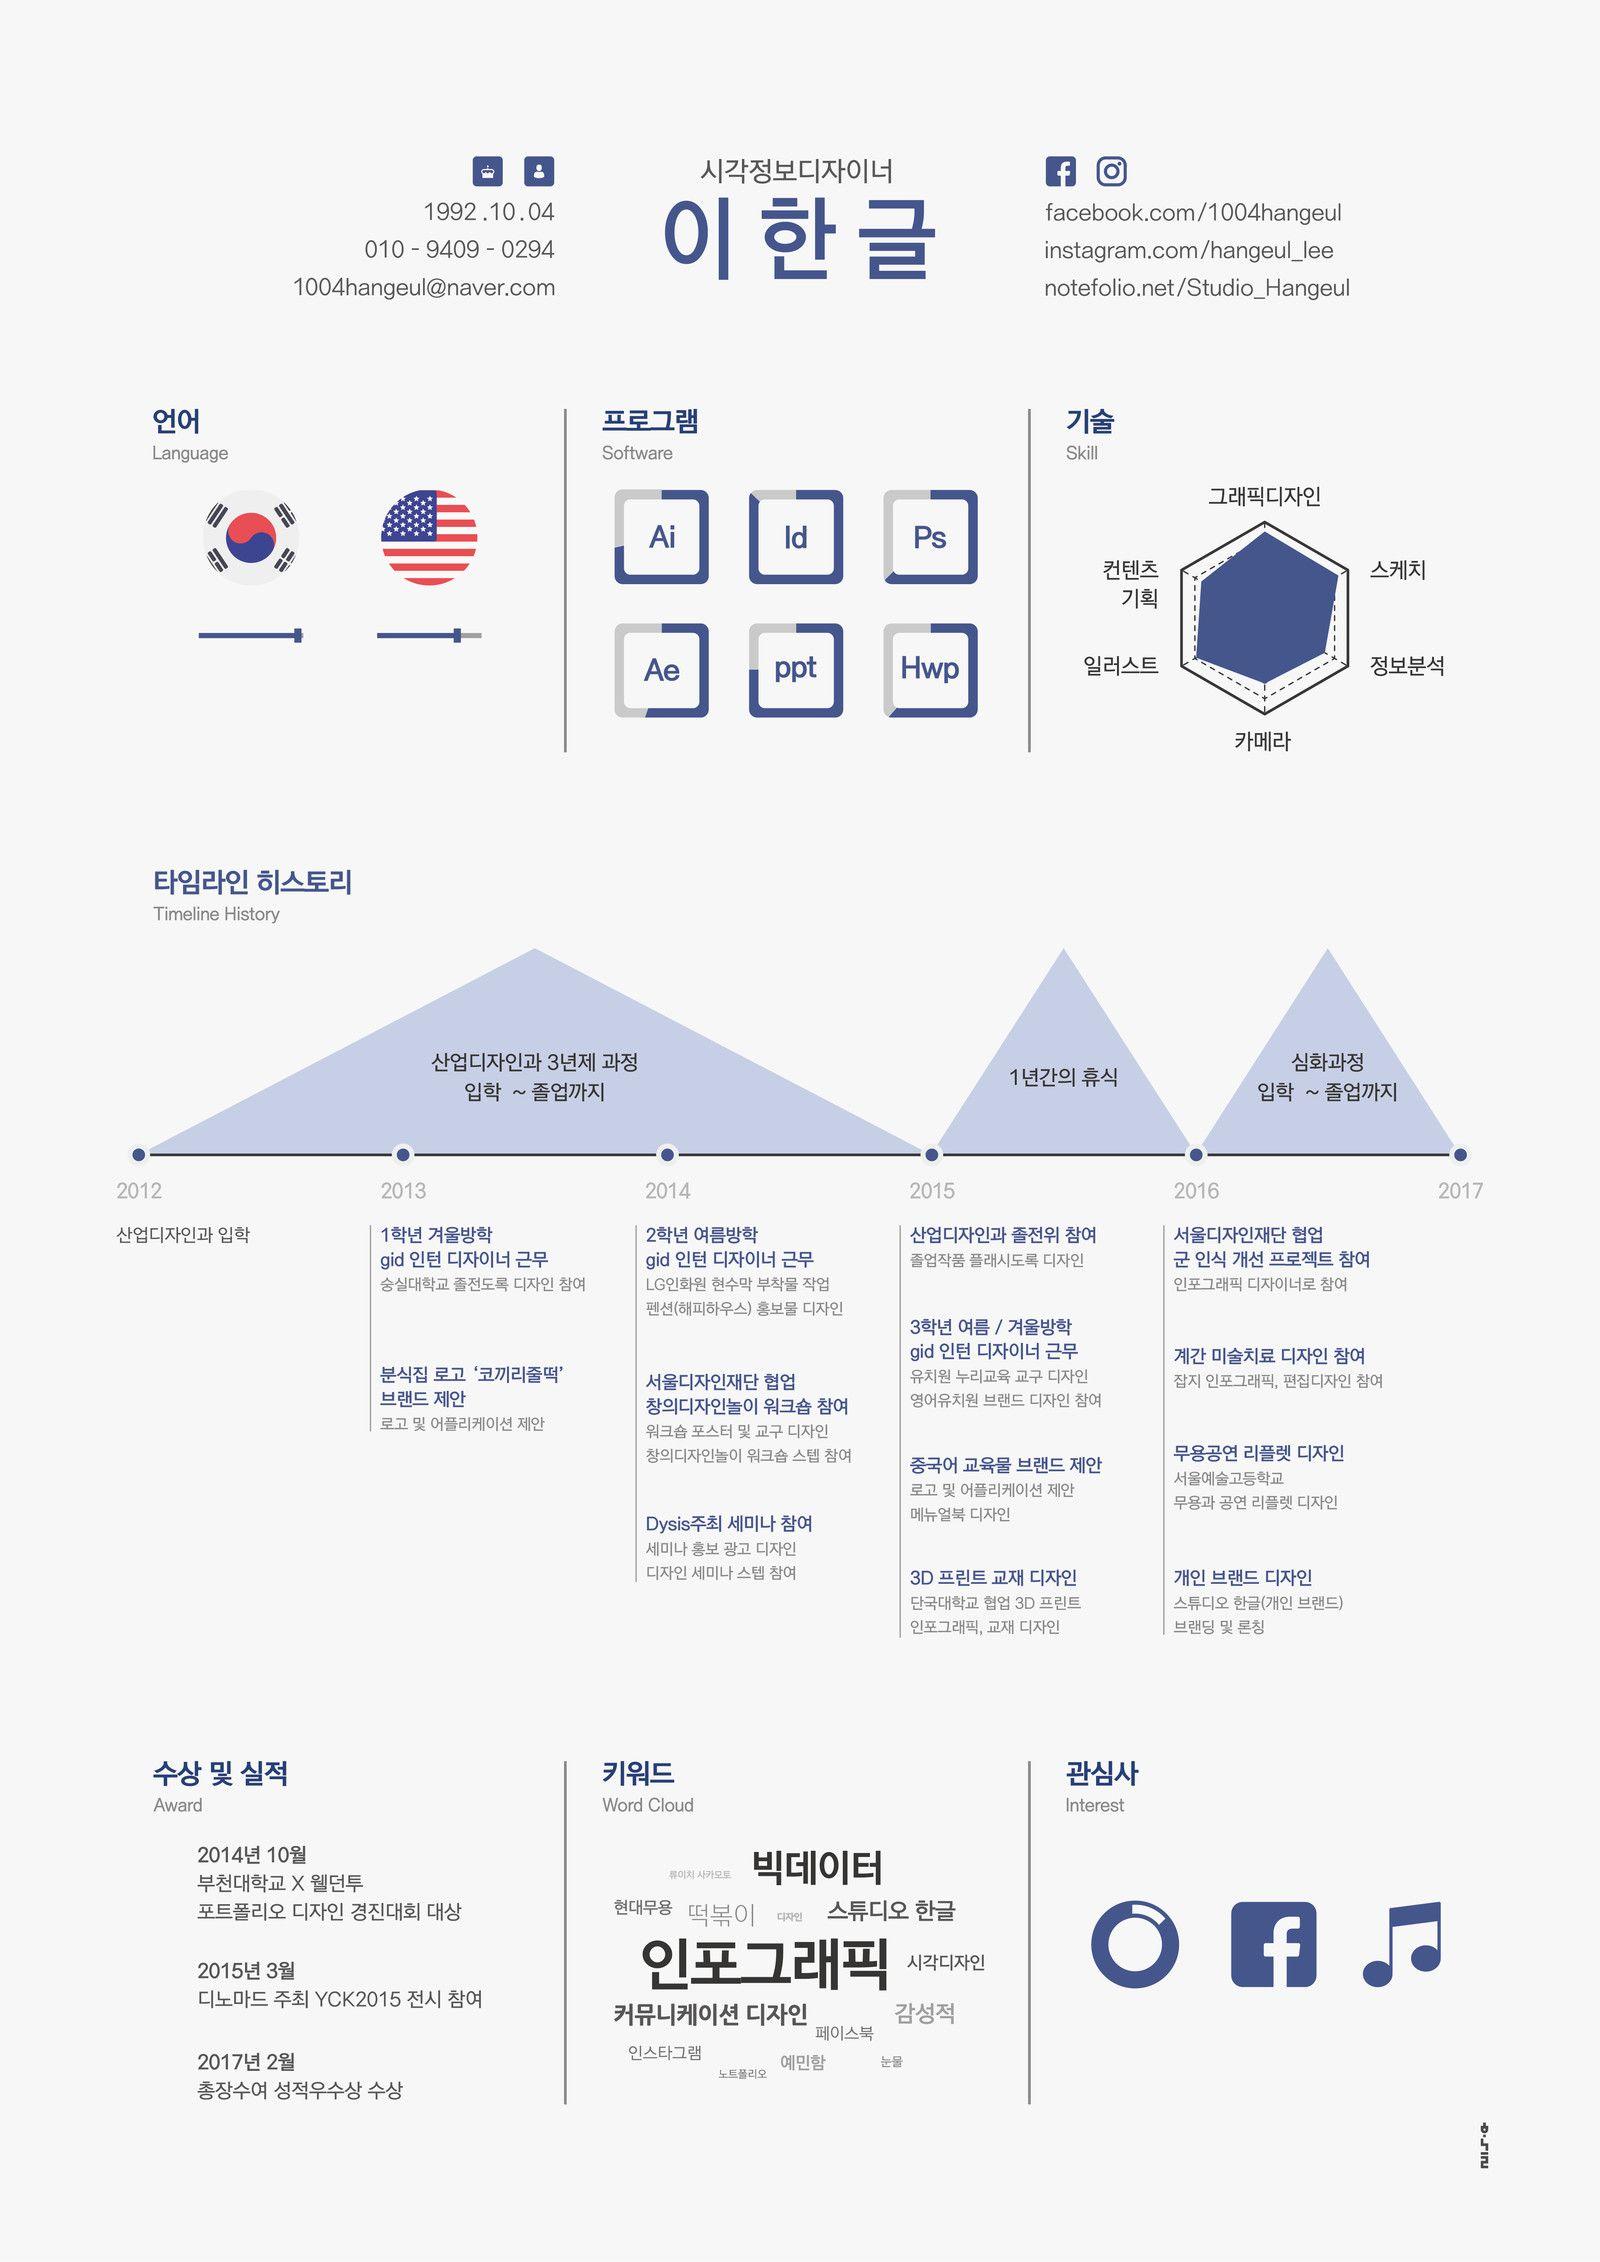 인포그래픽 이력서 디자인 - 그래픽 디자인, 브랜딩/편집